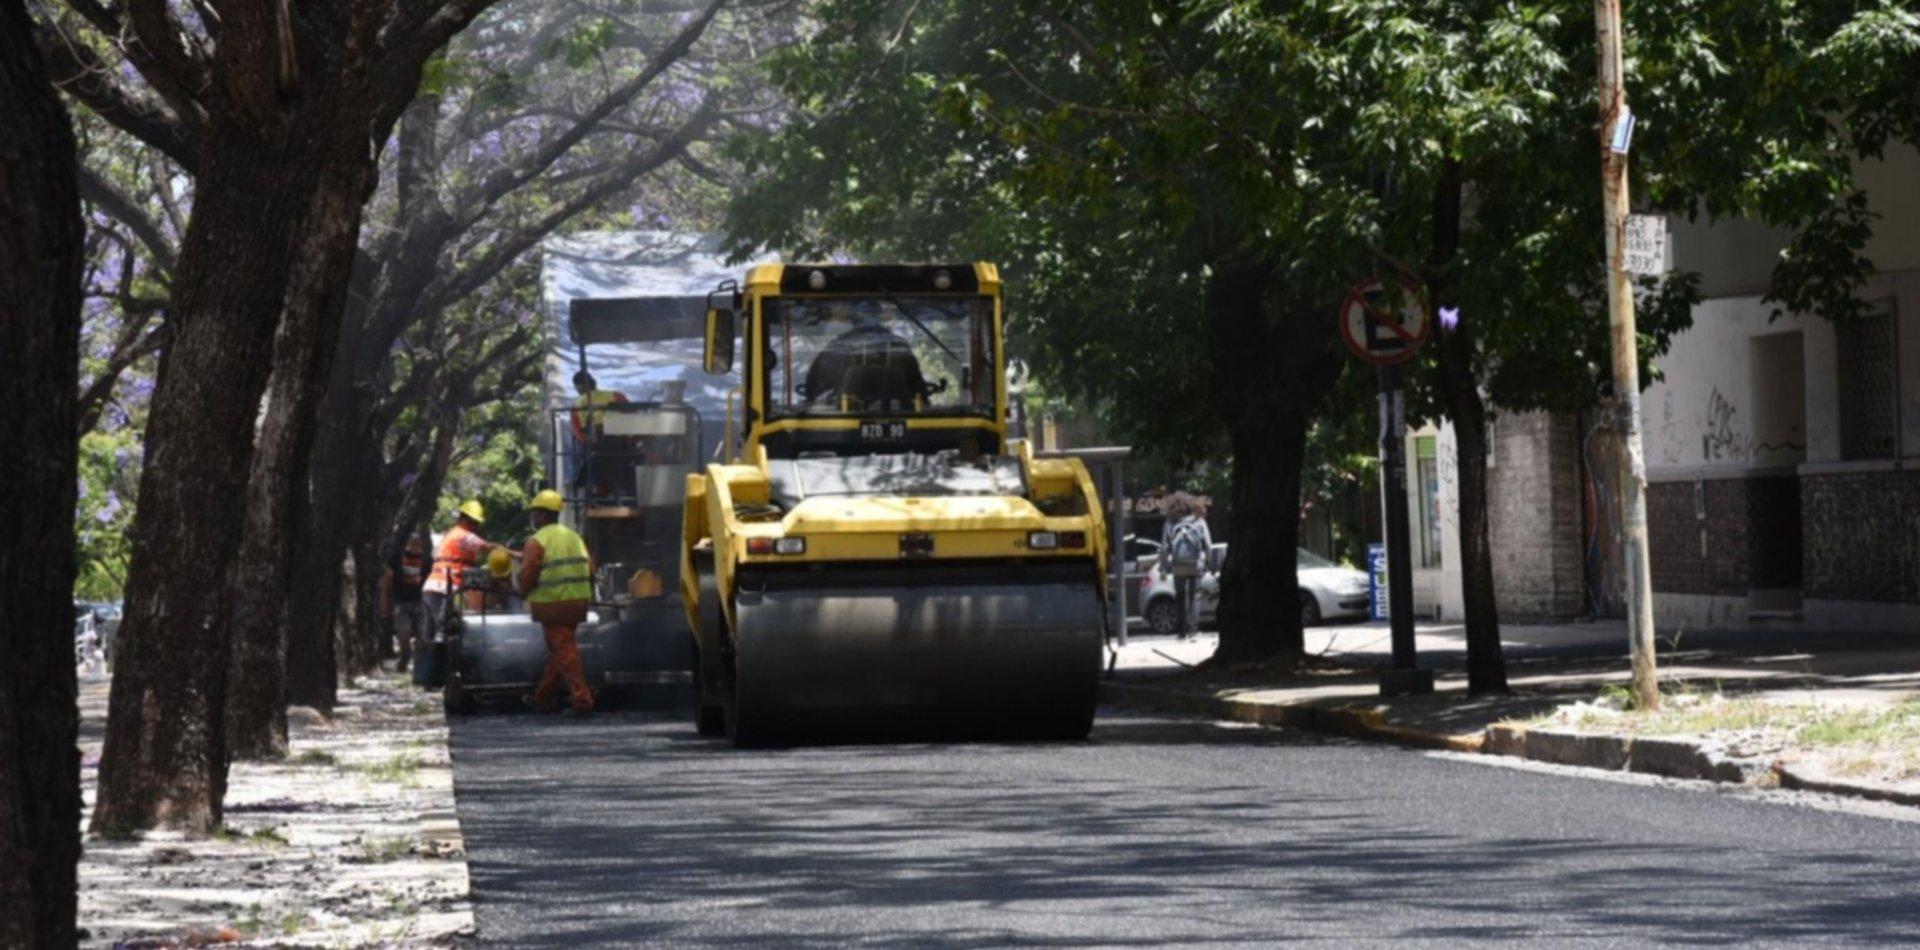 Separador central parquizado, dársenas y rampas: arranca la obra de ensanche de avenida 38